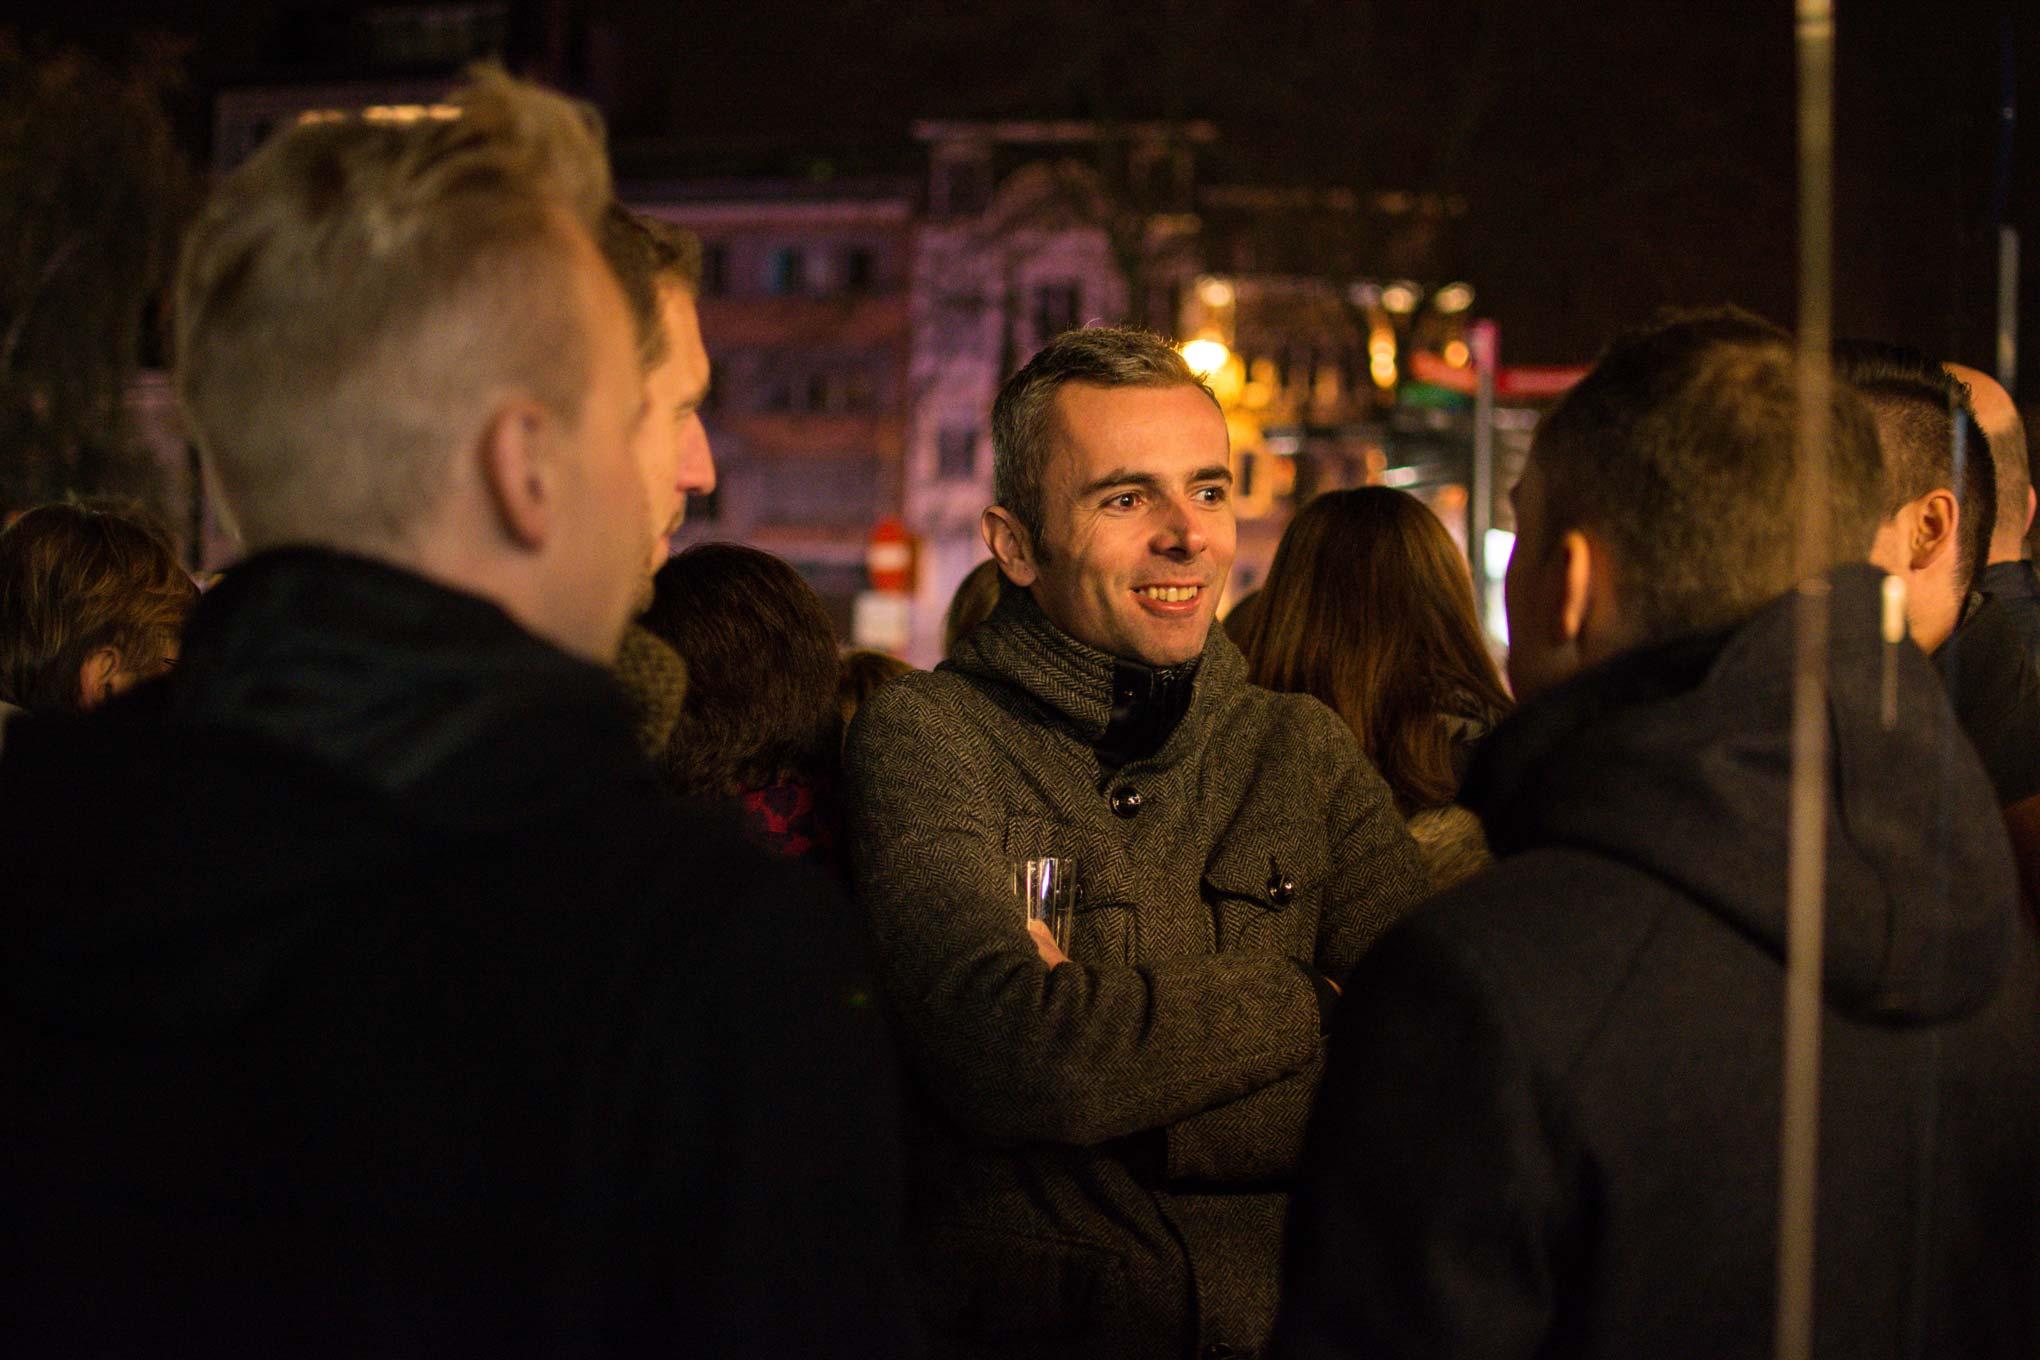 Man op een vernissage op de Graanmarkt in Kortrijk, het is donker.